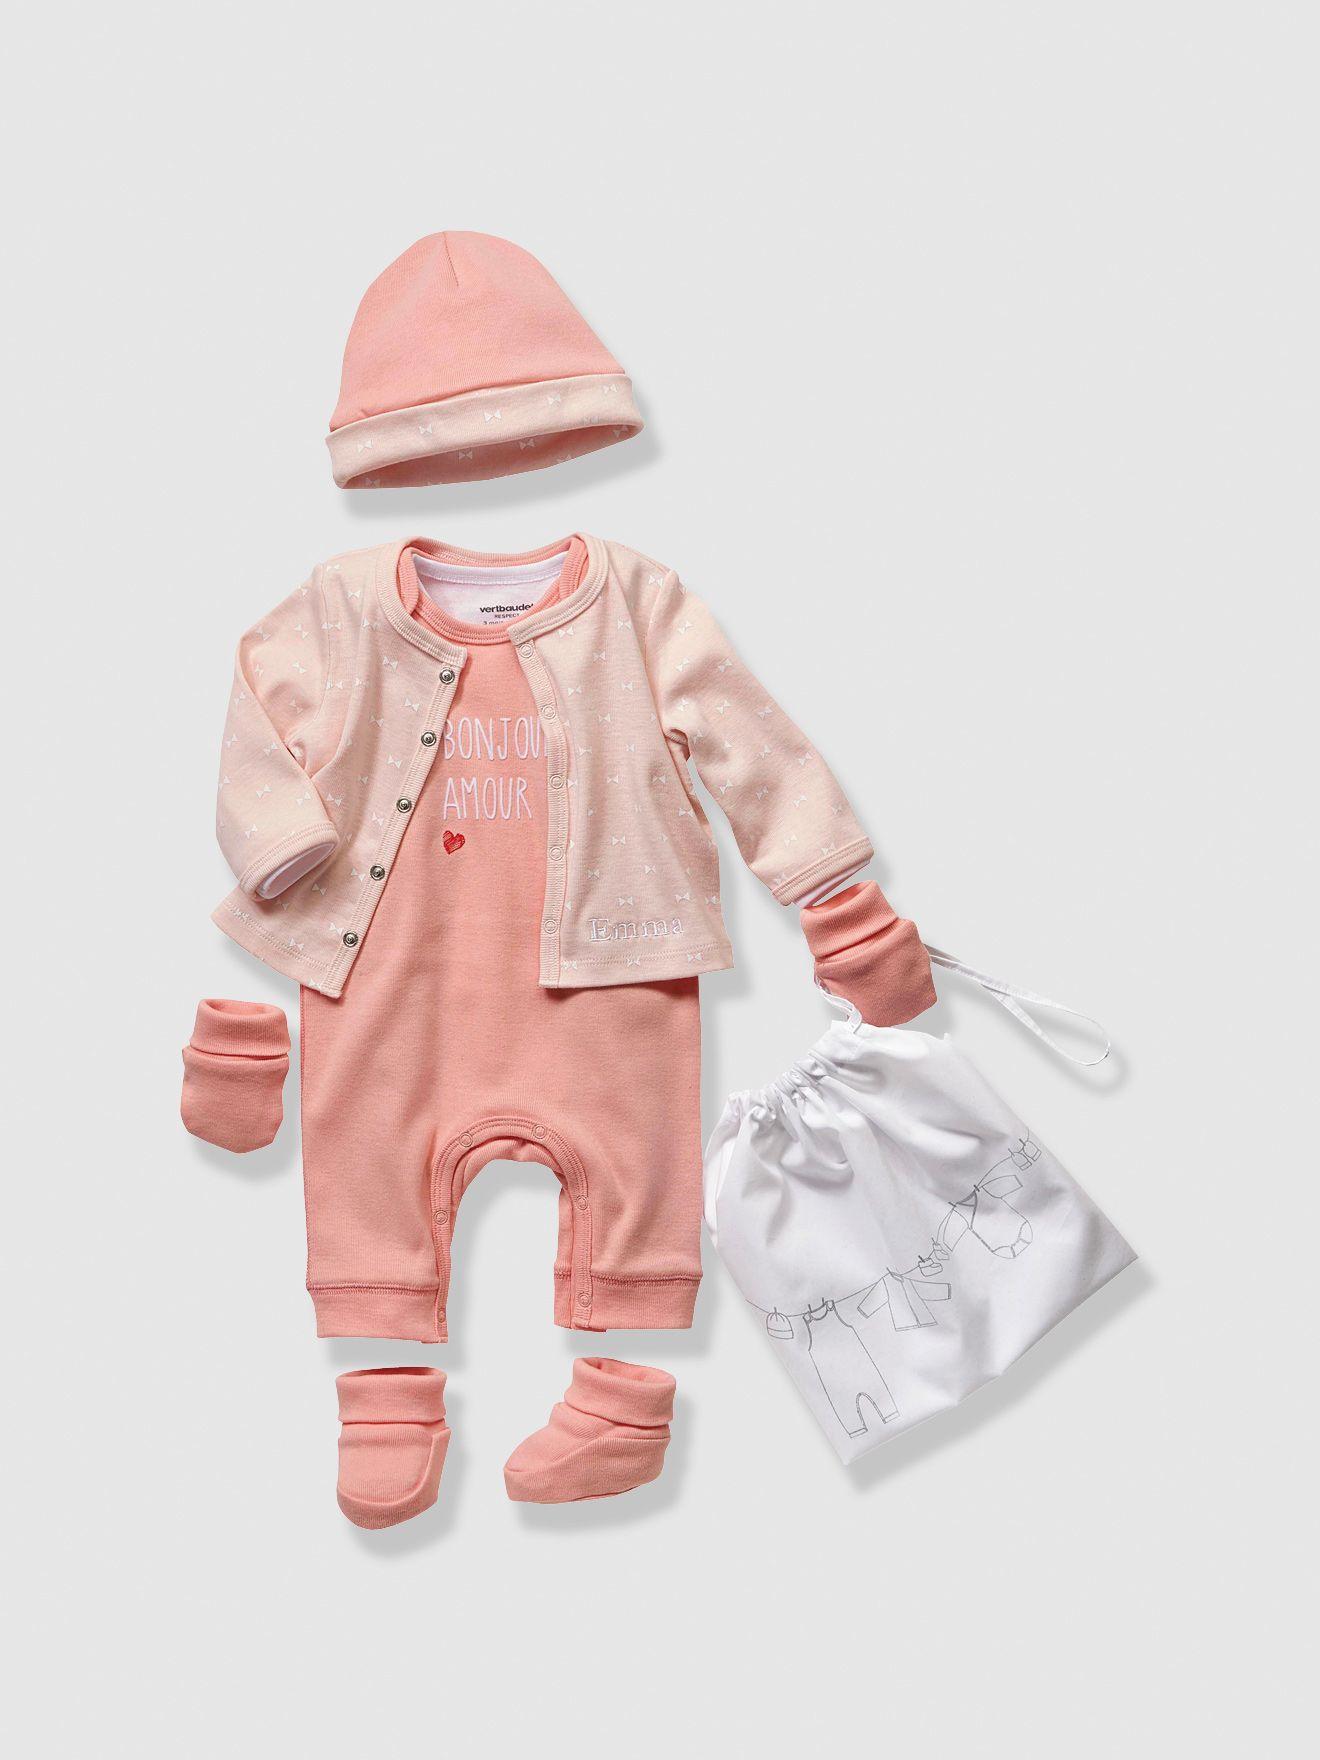 vertbaudet sale heute 20 zus tzlich sparen outfits f r babys und kinder pinterest baby. Black Bedroom Furniture Sets. Home Design Ideas